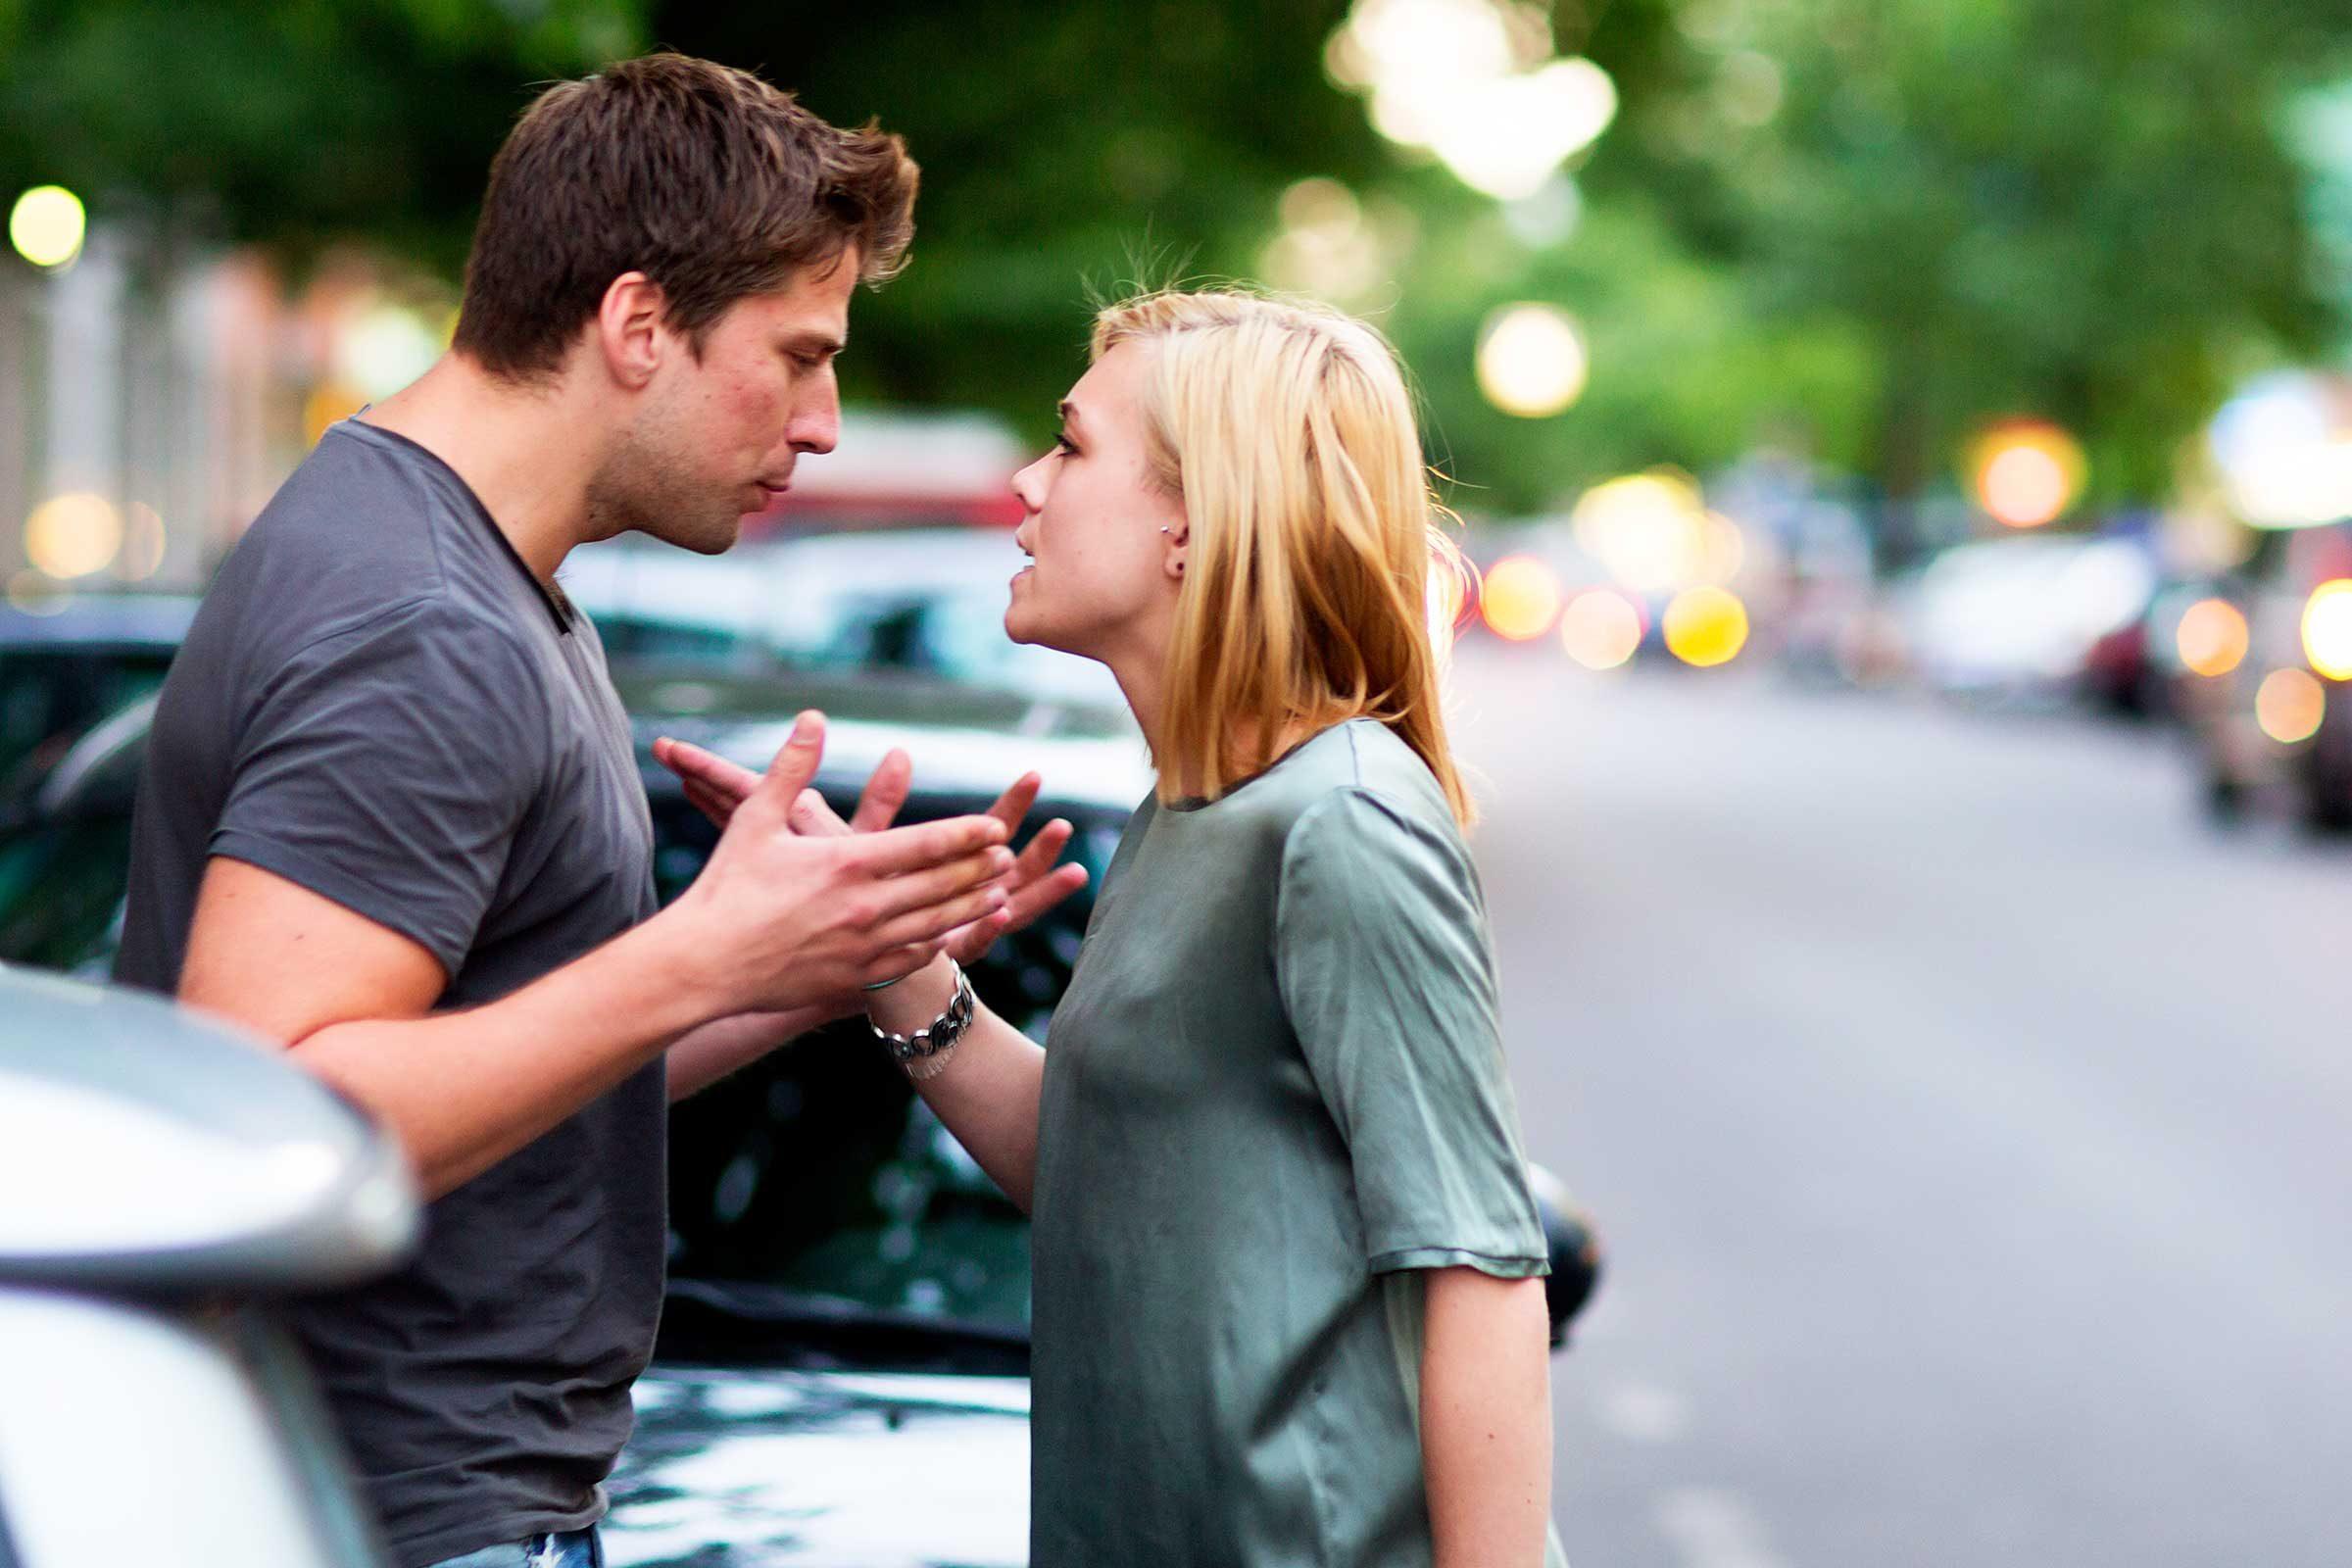 Lorsque vous sentez que l'autre vous ment au sein de votre couple vous risquez de perdre confiance en votre partenair